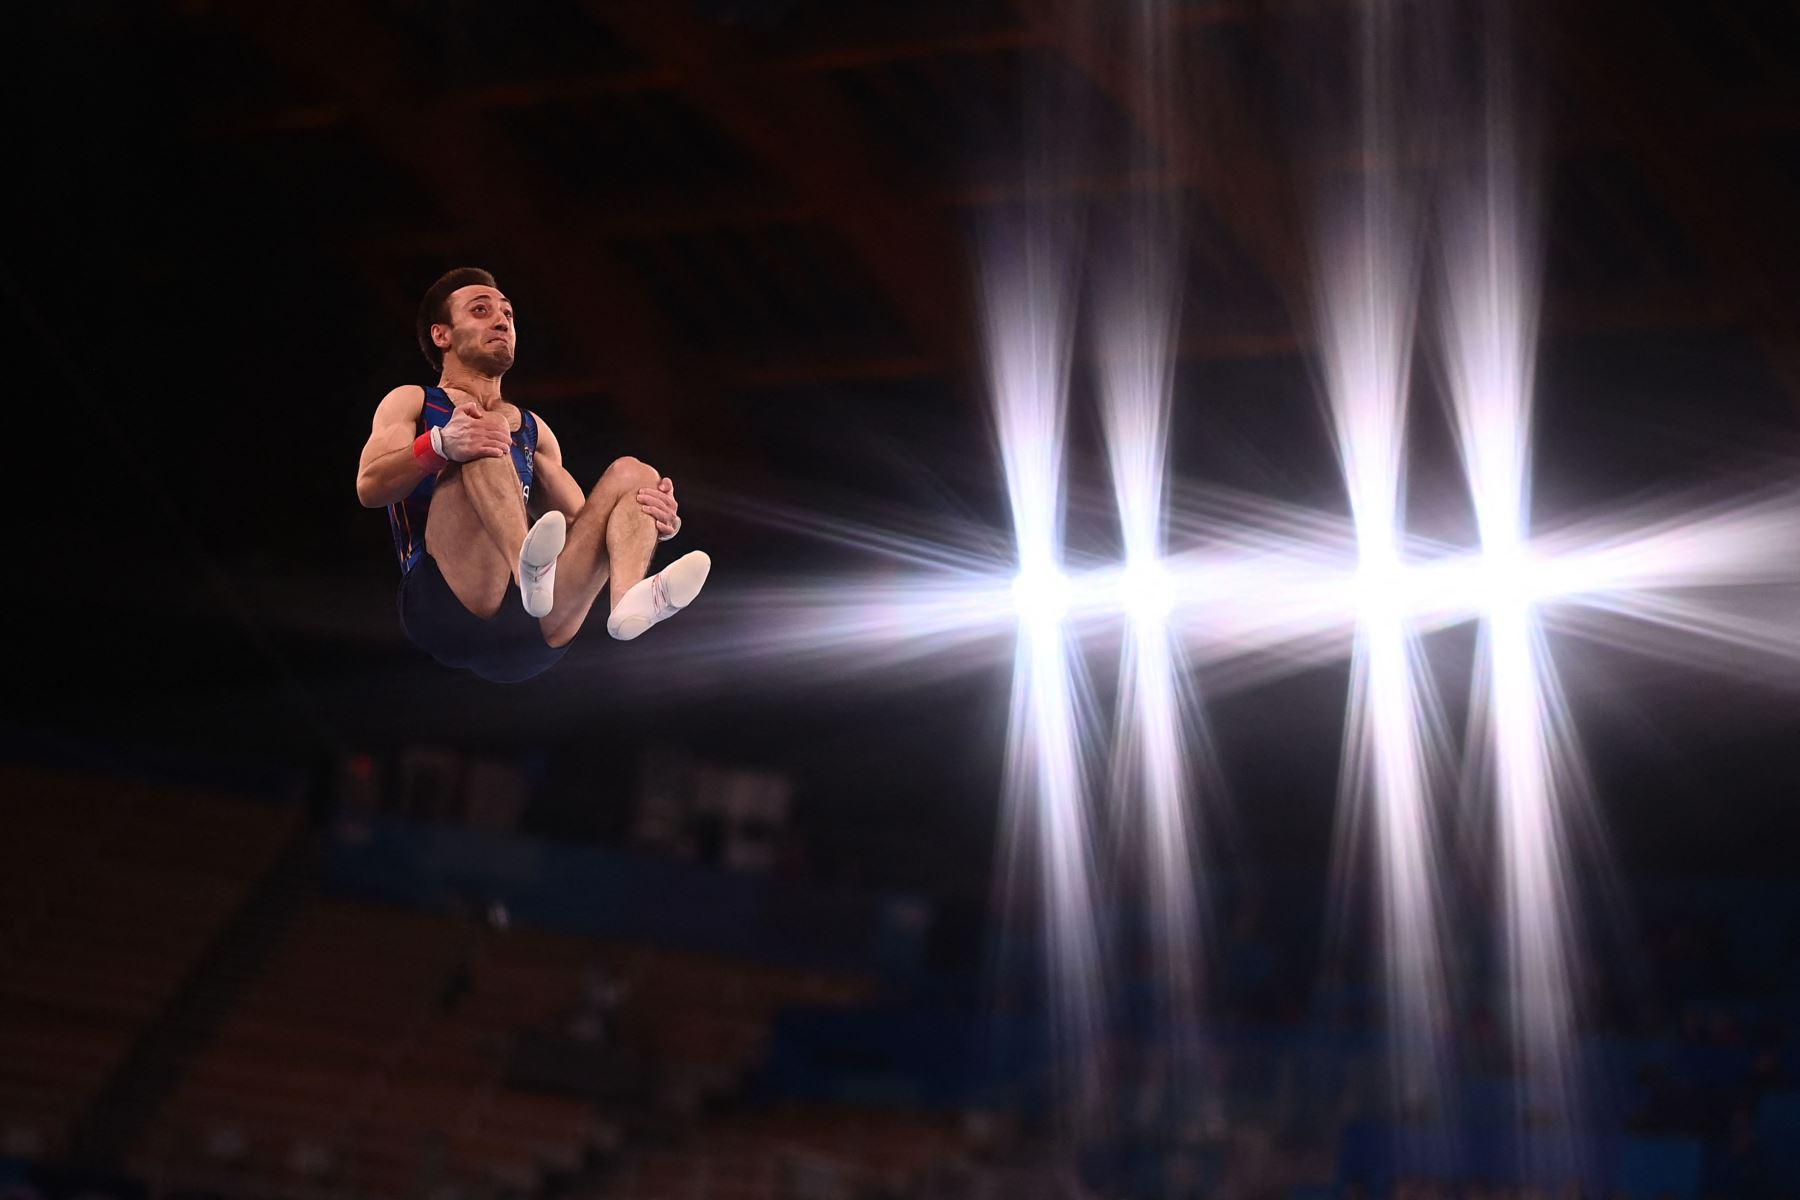 Artur Davtyan de Armenia compite en la final de salto masculino de gimnasia artística de los Juegos Olímpicos de Tokio 2020 en el Centro de Gimnasia Ariake en Tokio. Foto: AFP